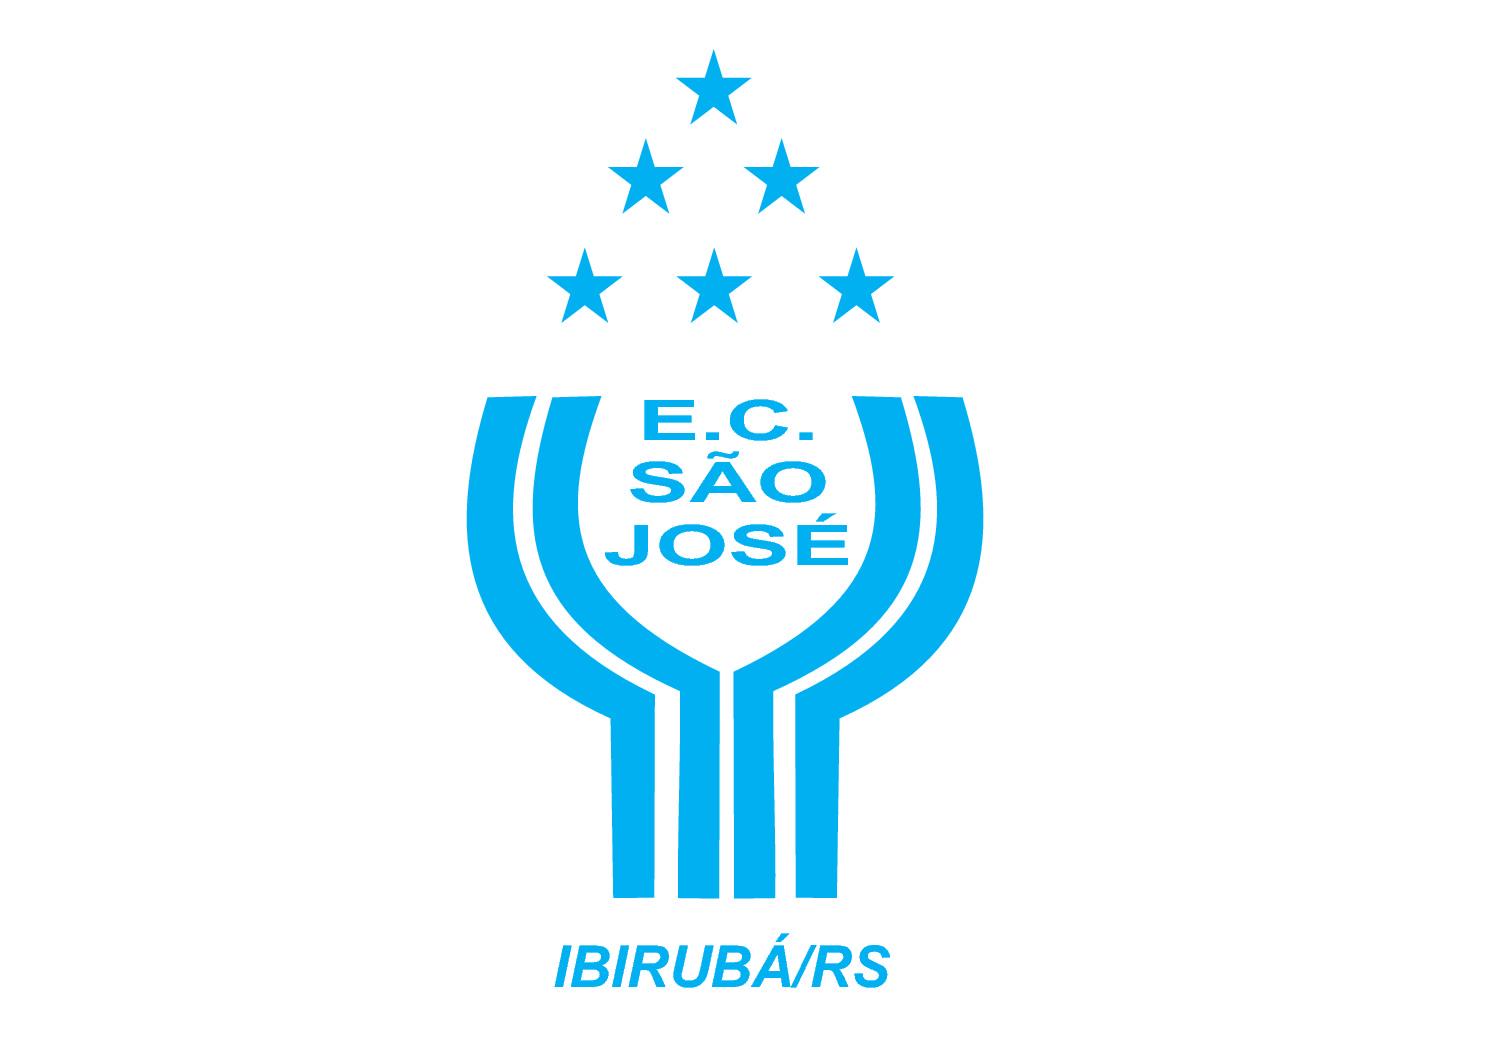 FARDAMENTOS PERSONALIZADOS PARA EQUIPE DO SÃO JOSÉ, DA CIDADE DE IBIRUBÁ/RS.